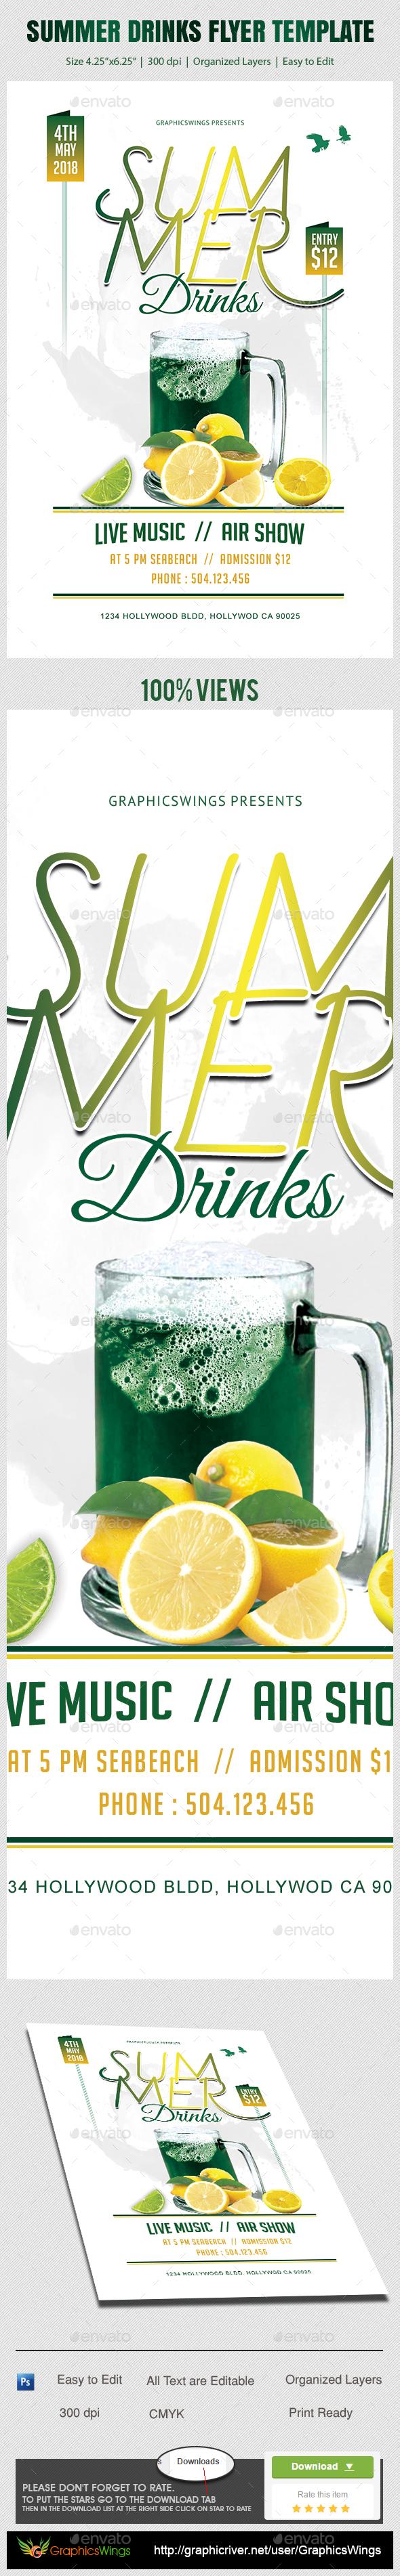 Summer Drinks Flyer Template